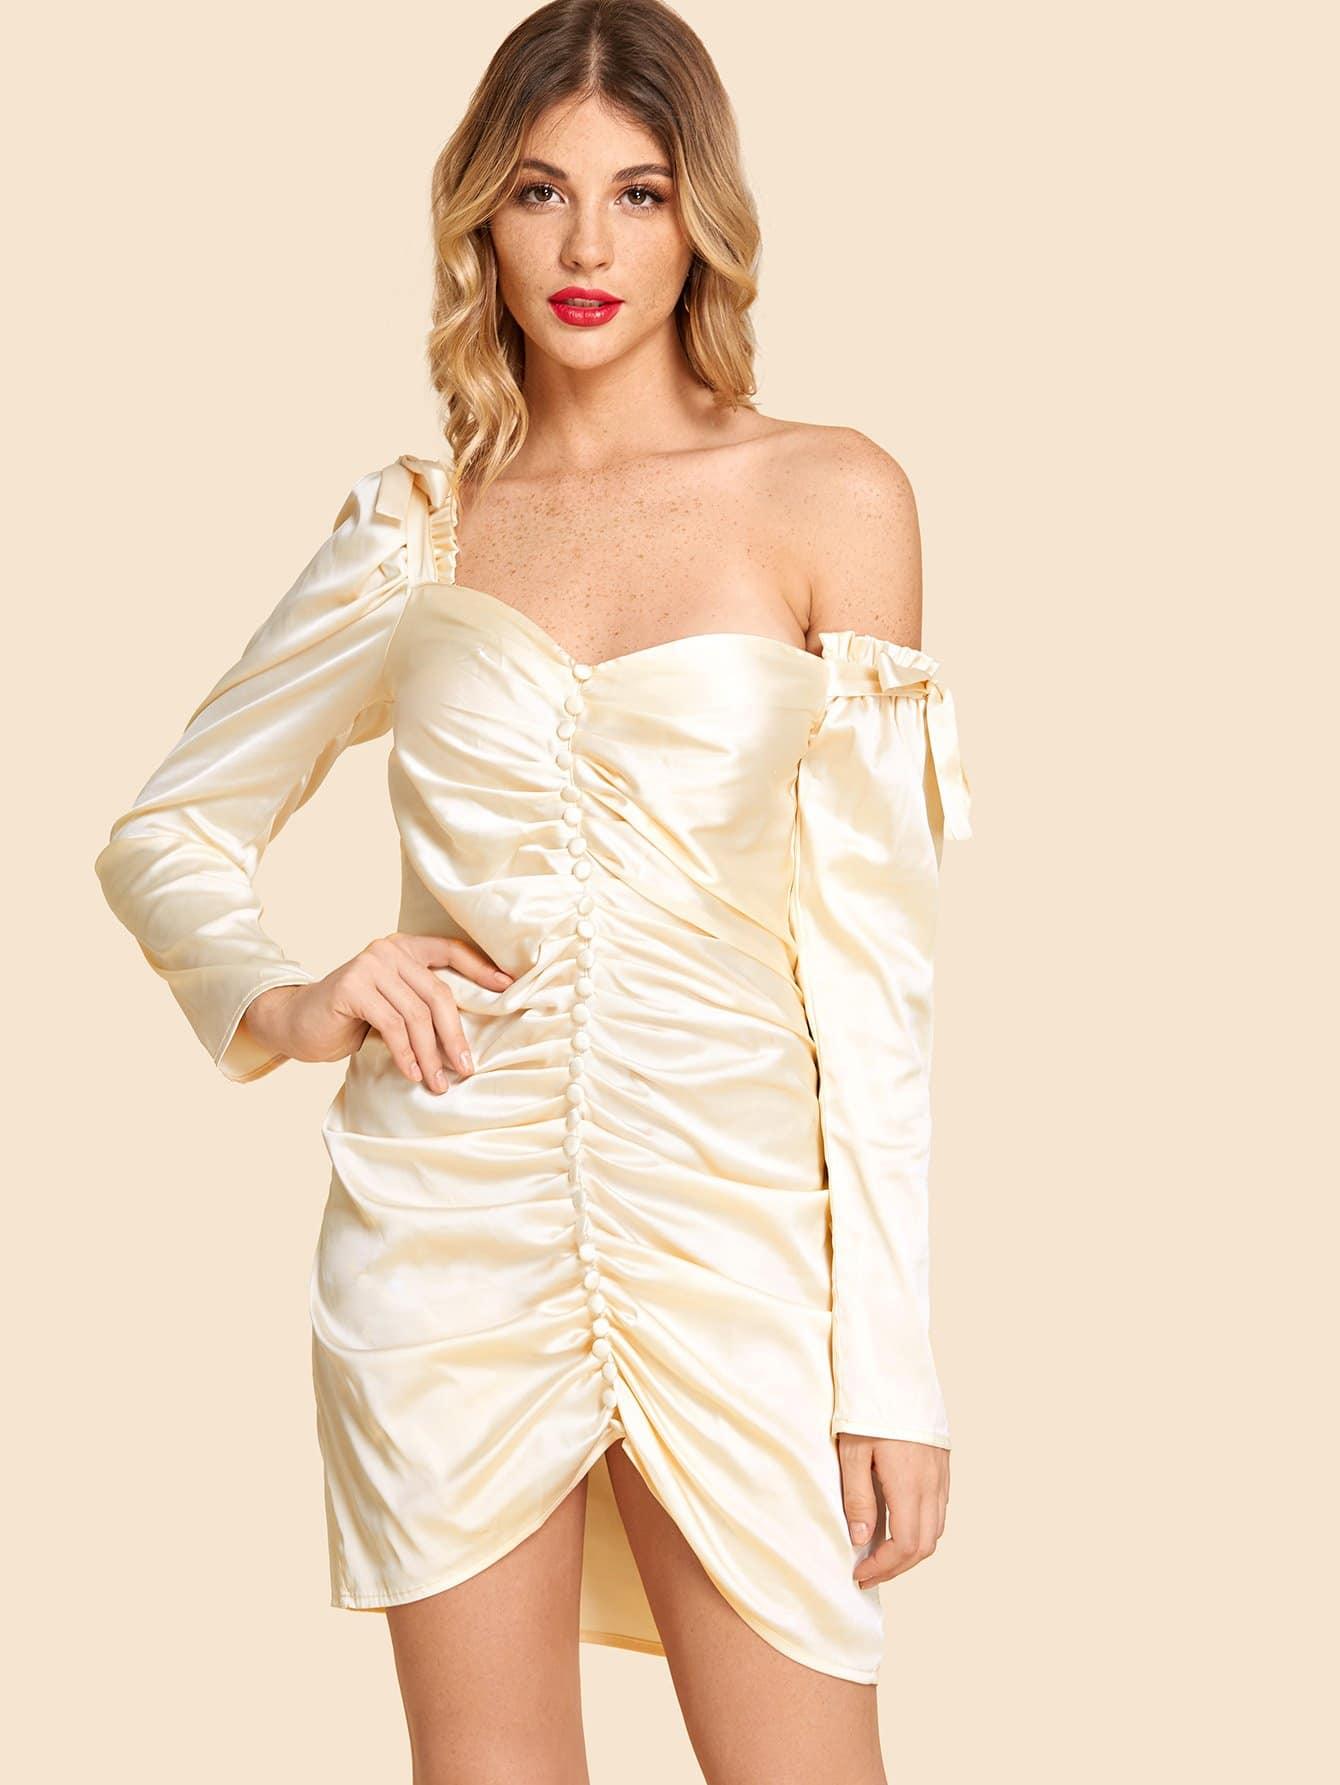 Frill Trim Button Front Sweetheart Dress sobredosis de soda buenos aires